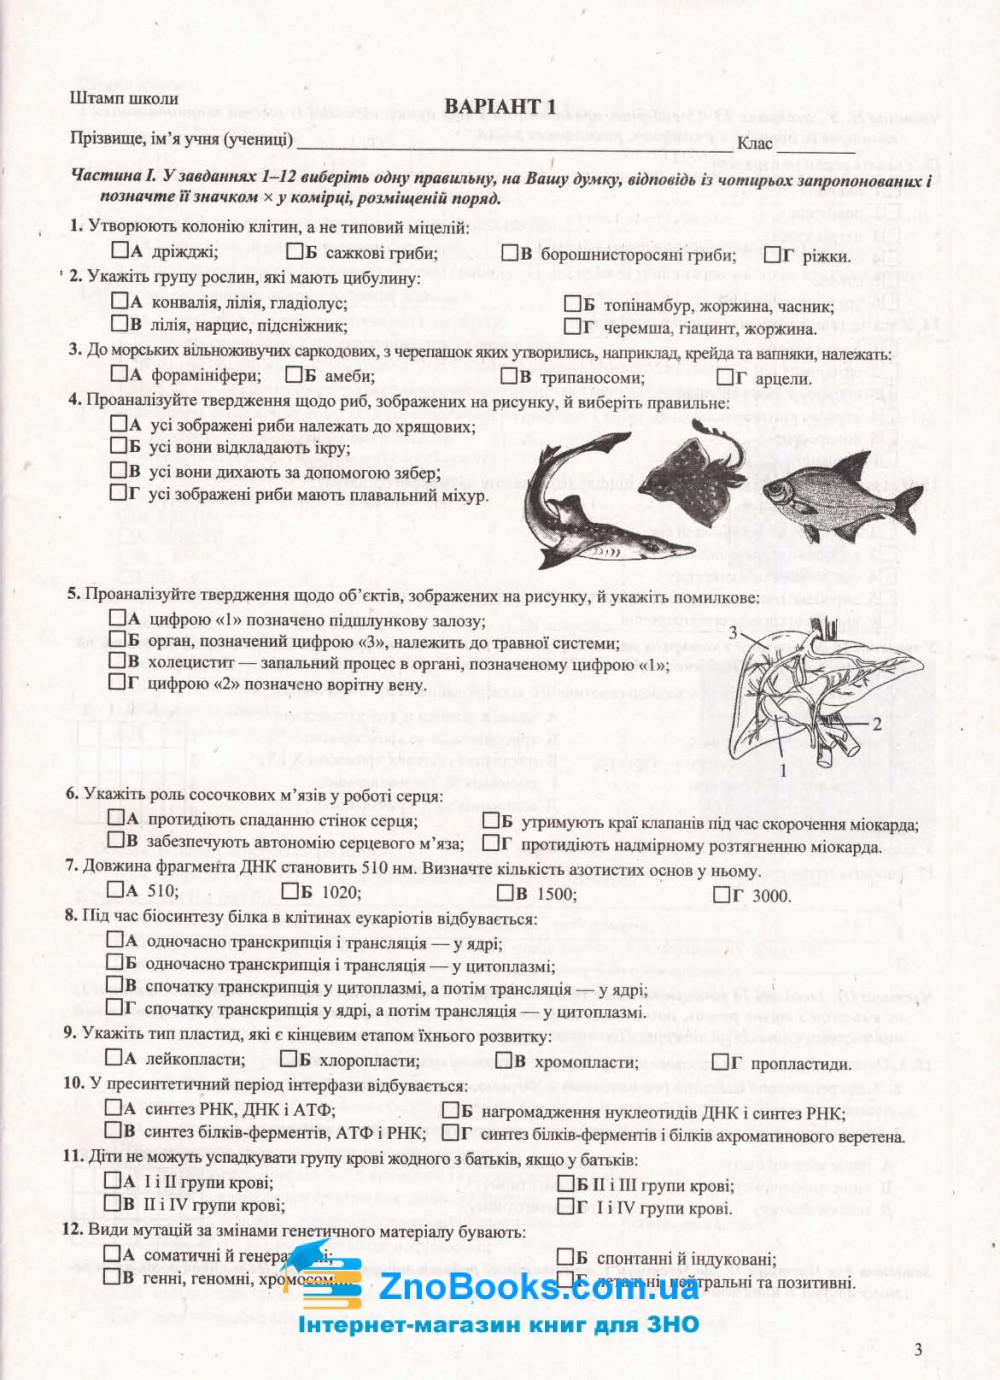 Збірник завдань з біології ДПА 2021 9 клас : Барна І. Тернопіль. Купити 4